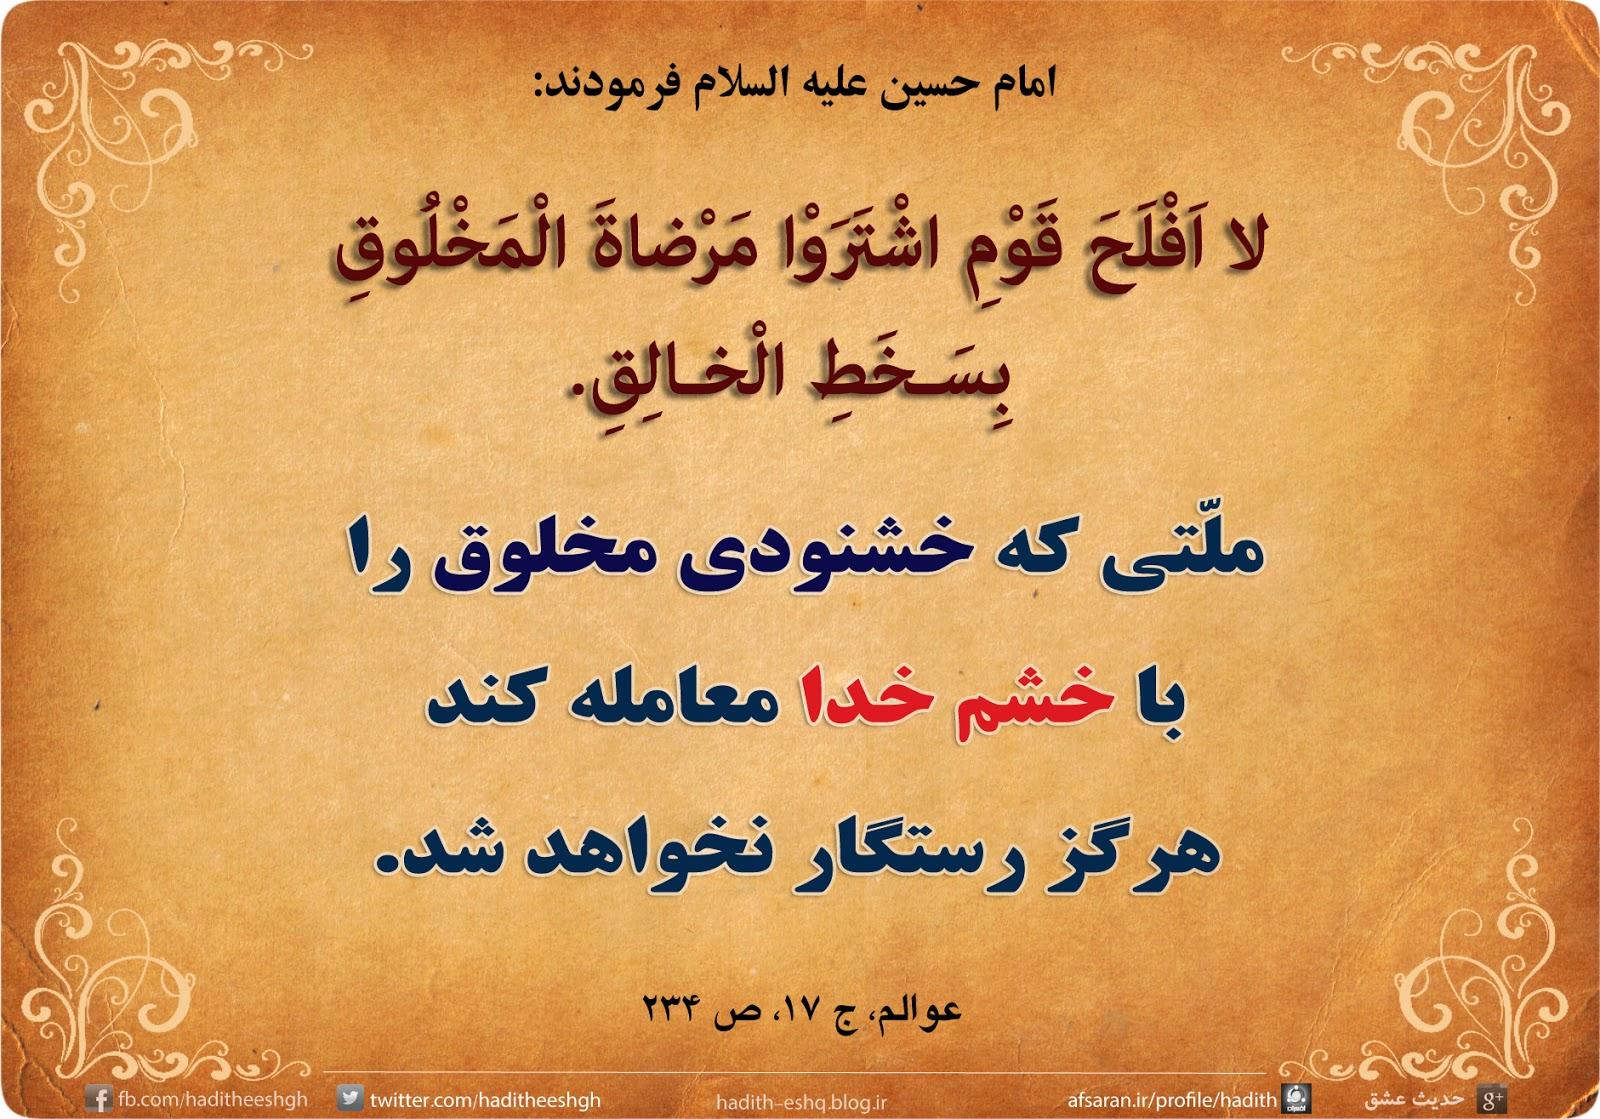 حدیثی از امام حسین علیه السلام